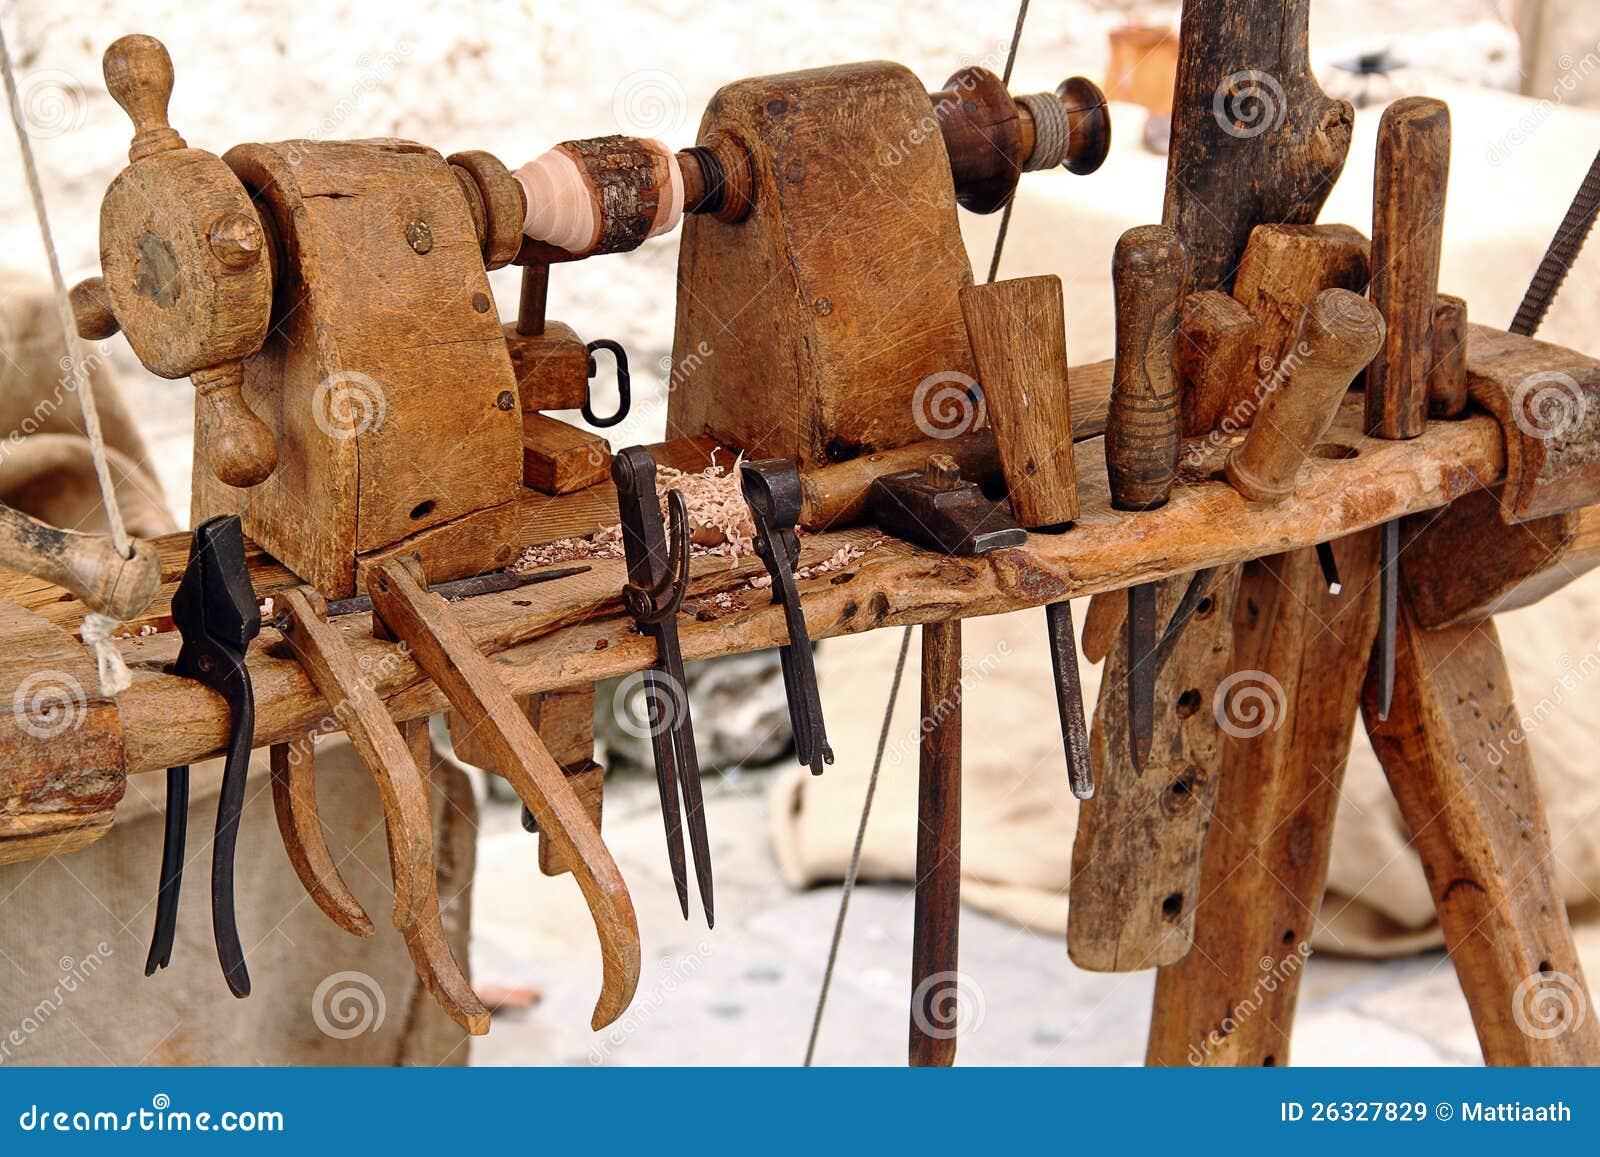 Tornio E Strumenti Per Falegnameria Immagine Stock Immagine di lavoro, attività 26327829 # Travail Du Bois Menuiserie